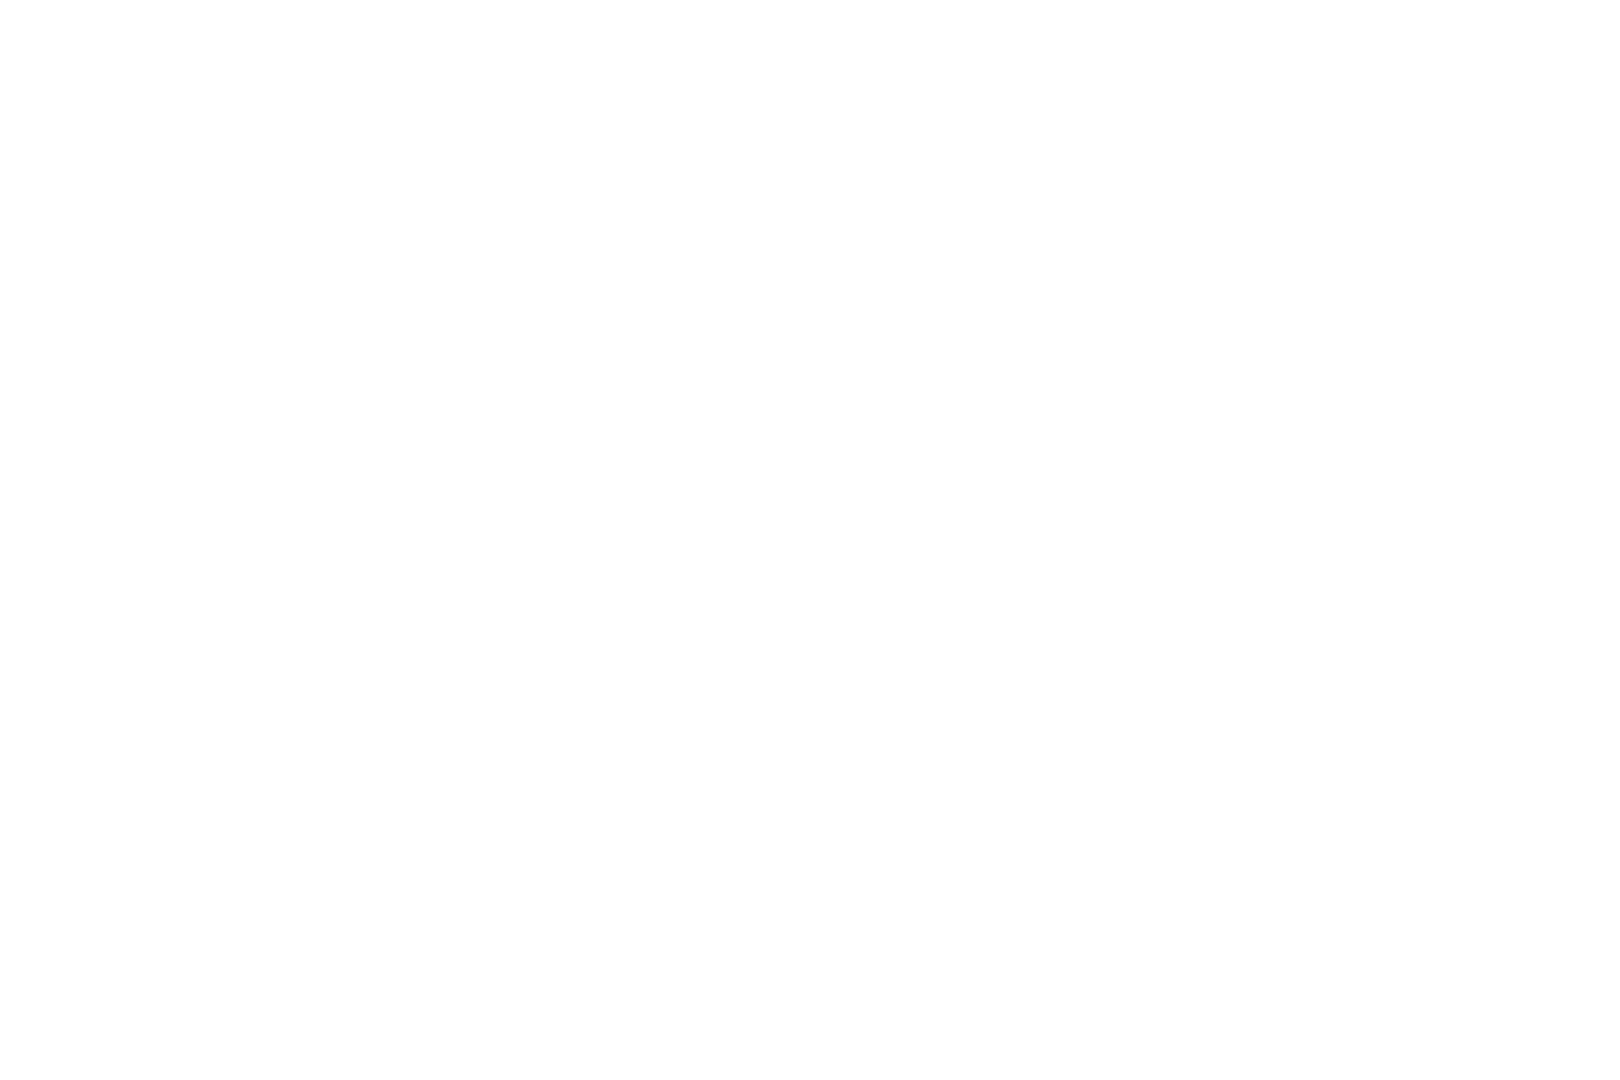 充血監督の深夜の運動会Vol.7 OLセックス 盗撮AV動画キャプチャ 98画像 80